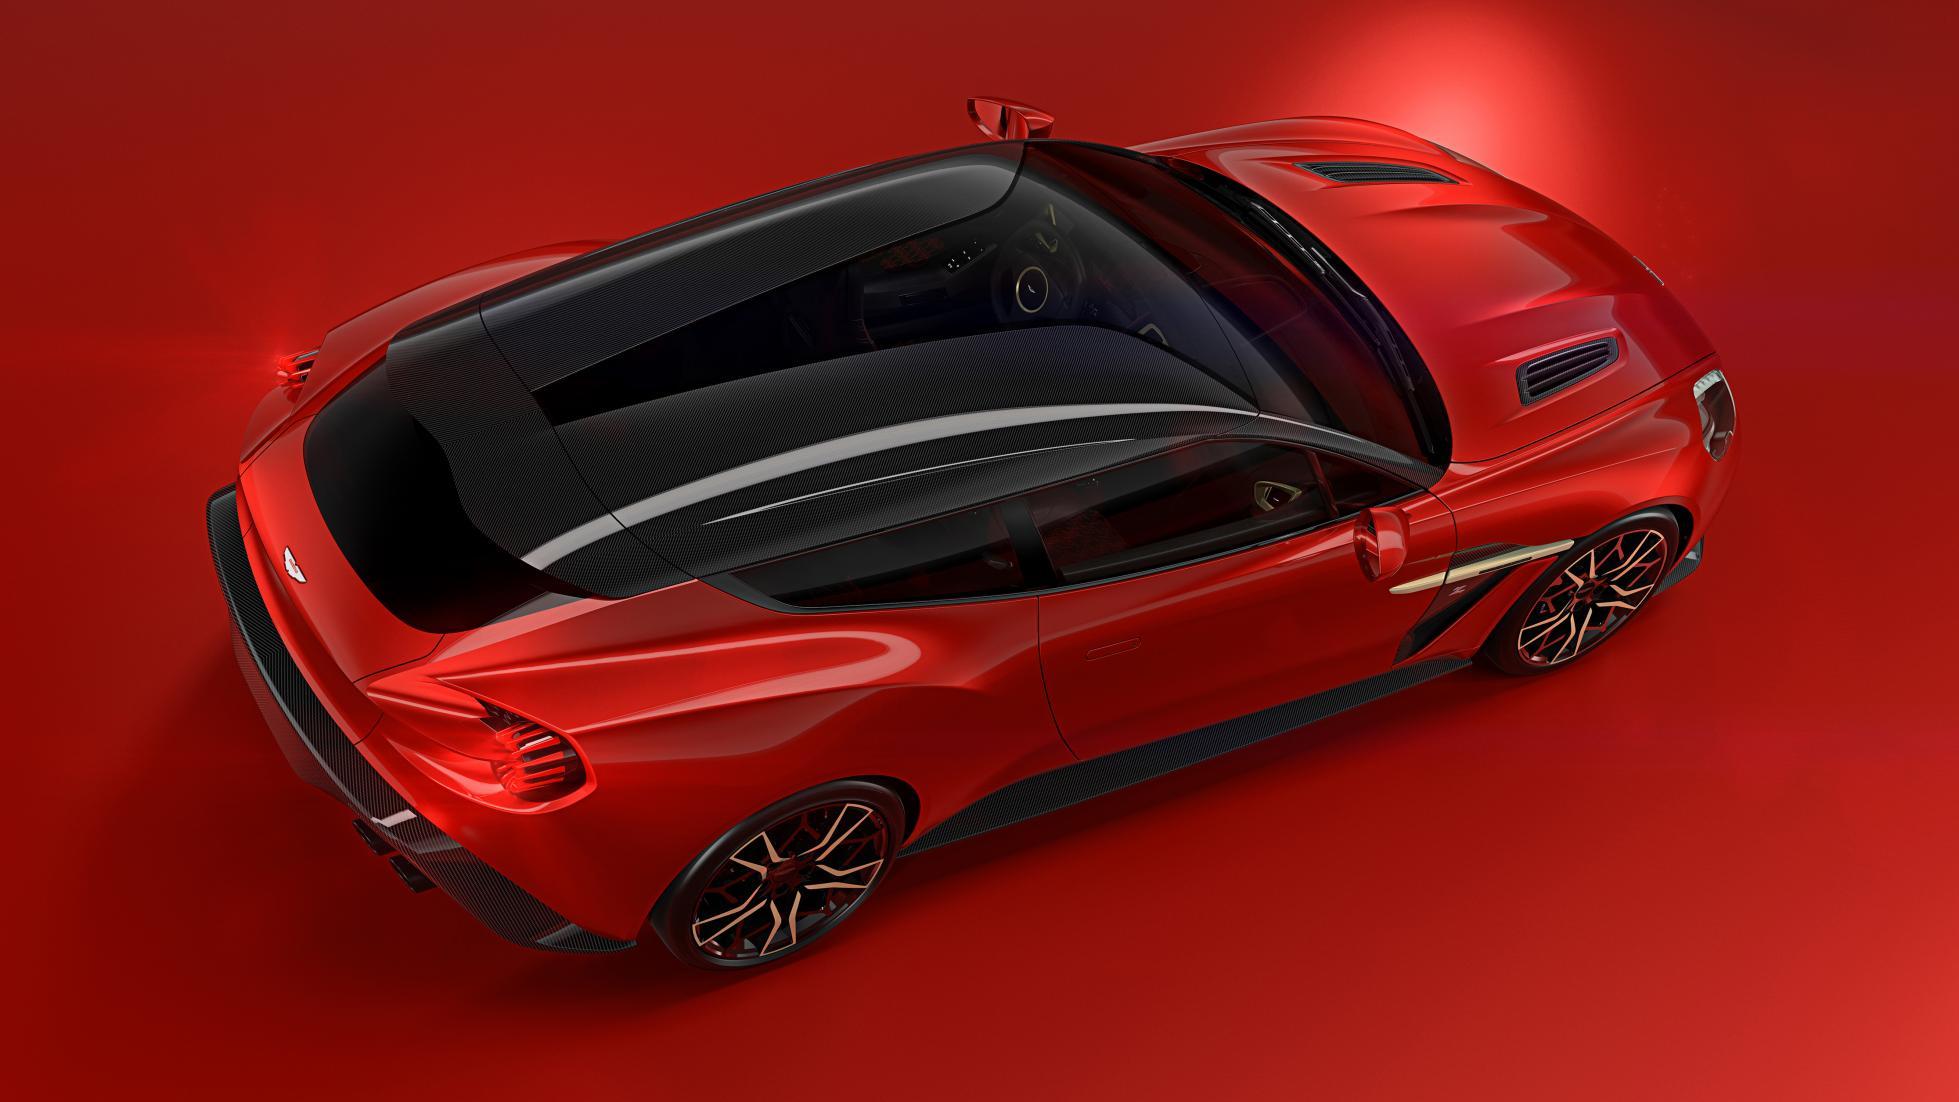 خودرویی که 99 دستگاه از آن ساخته می شود/شوتینگ بریک استون مارتین زاگاتو